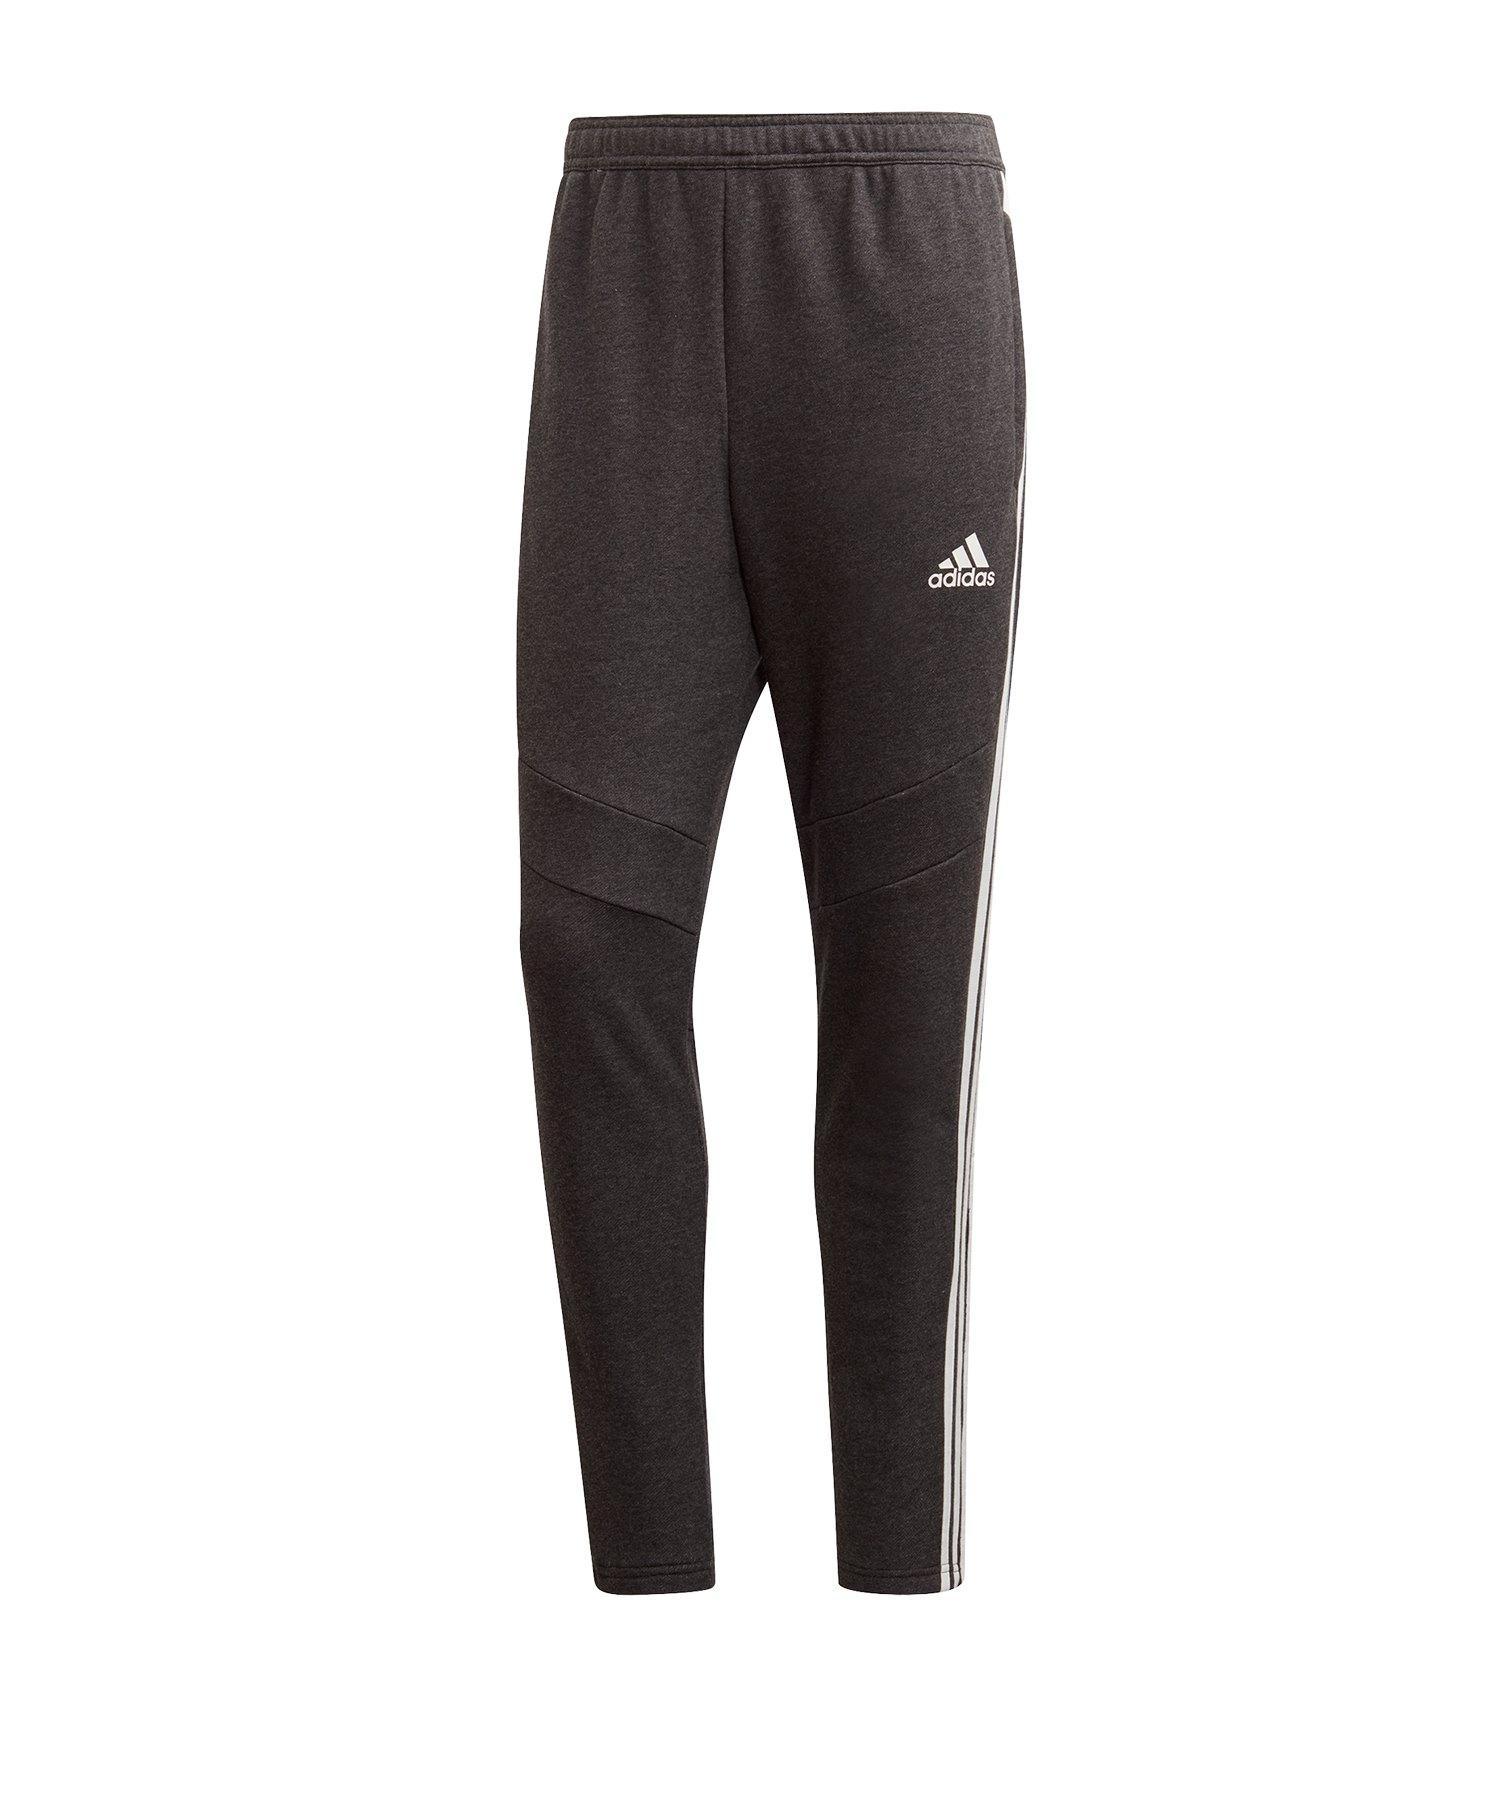 adidas Tiro 19 Jogginghose FT lang Grau - schwarz